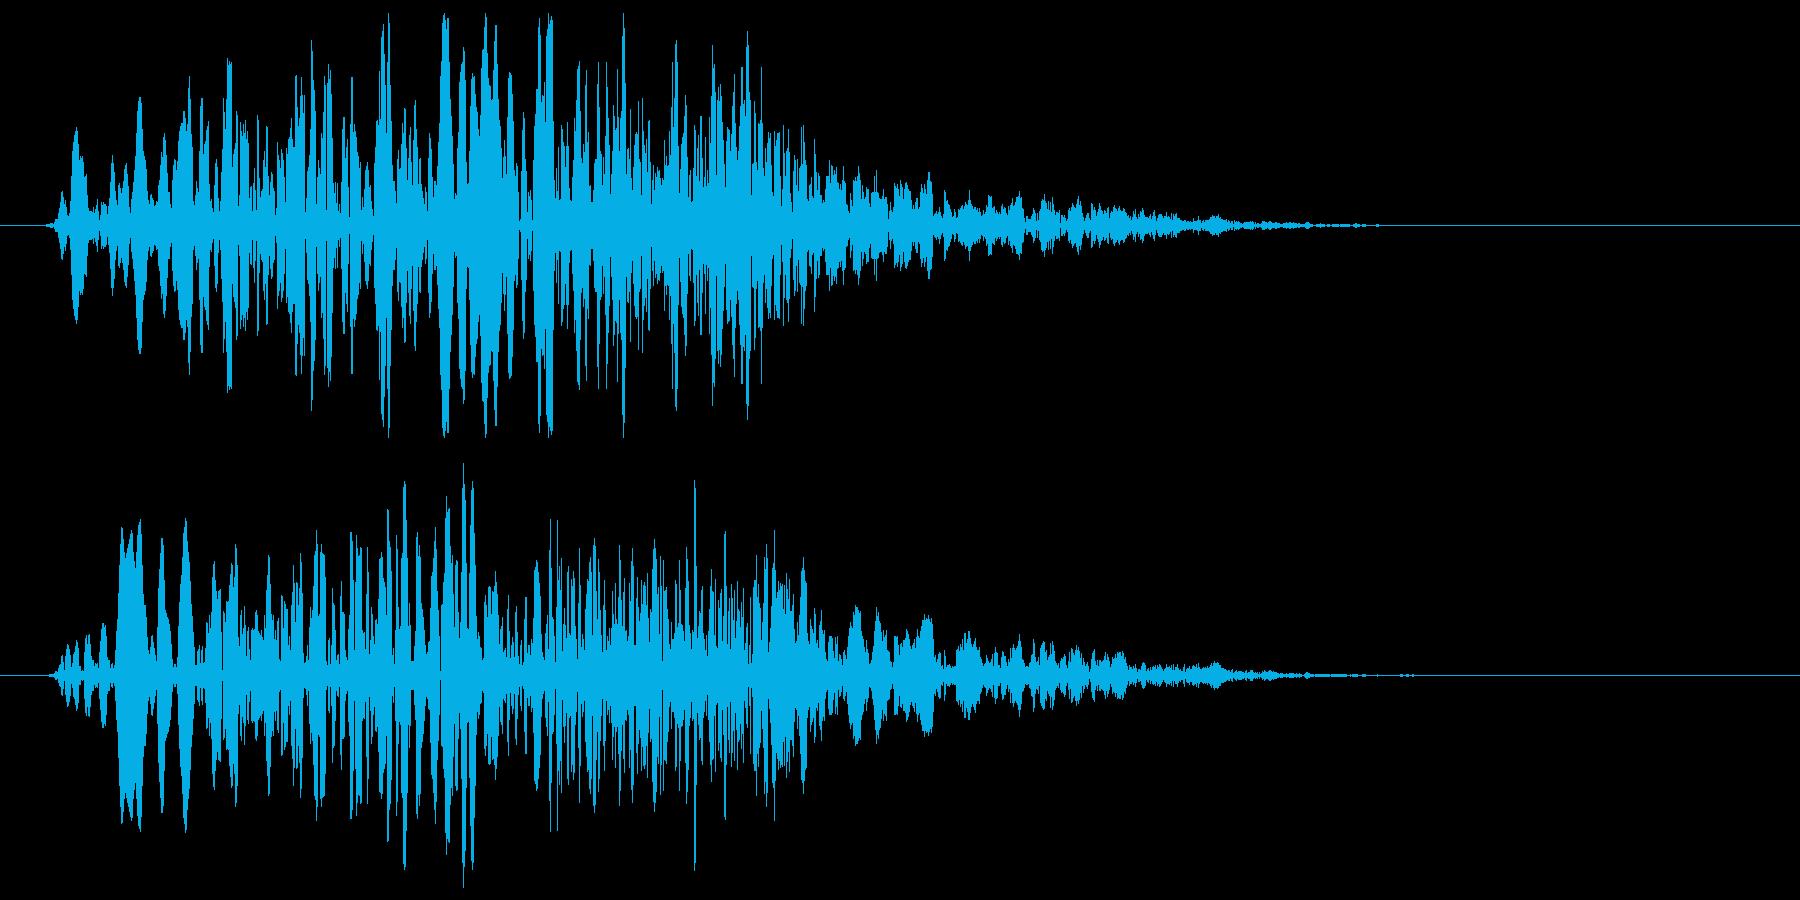 時代劇で人を切った音の再生済みの波形